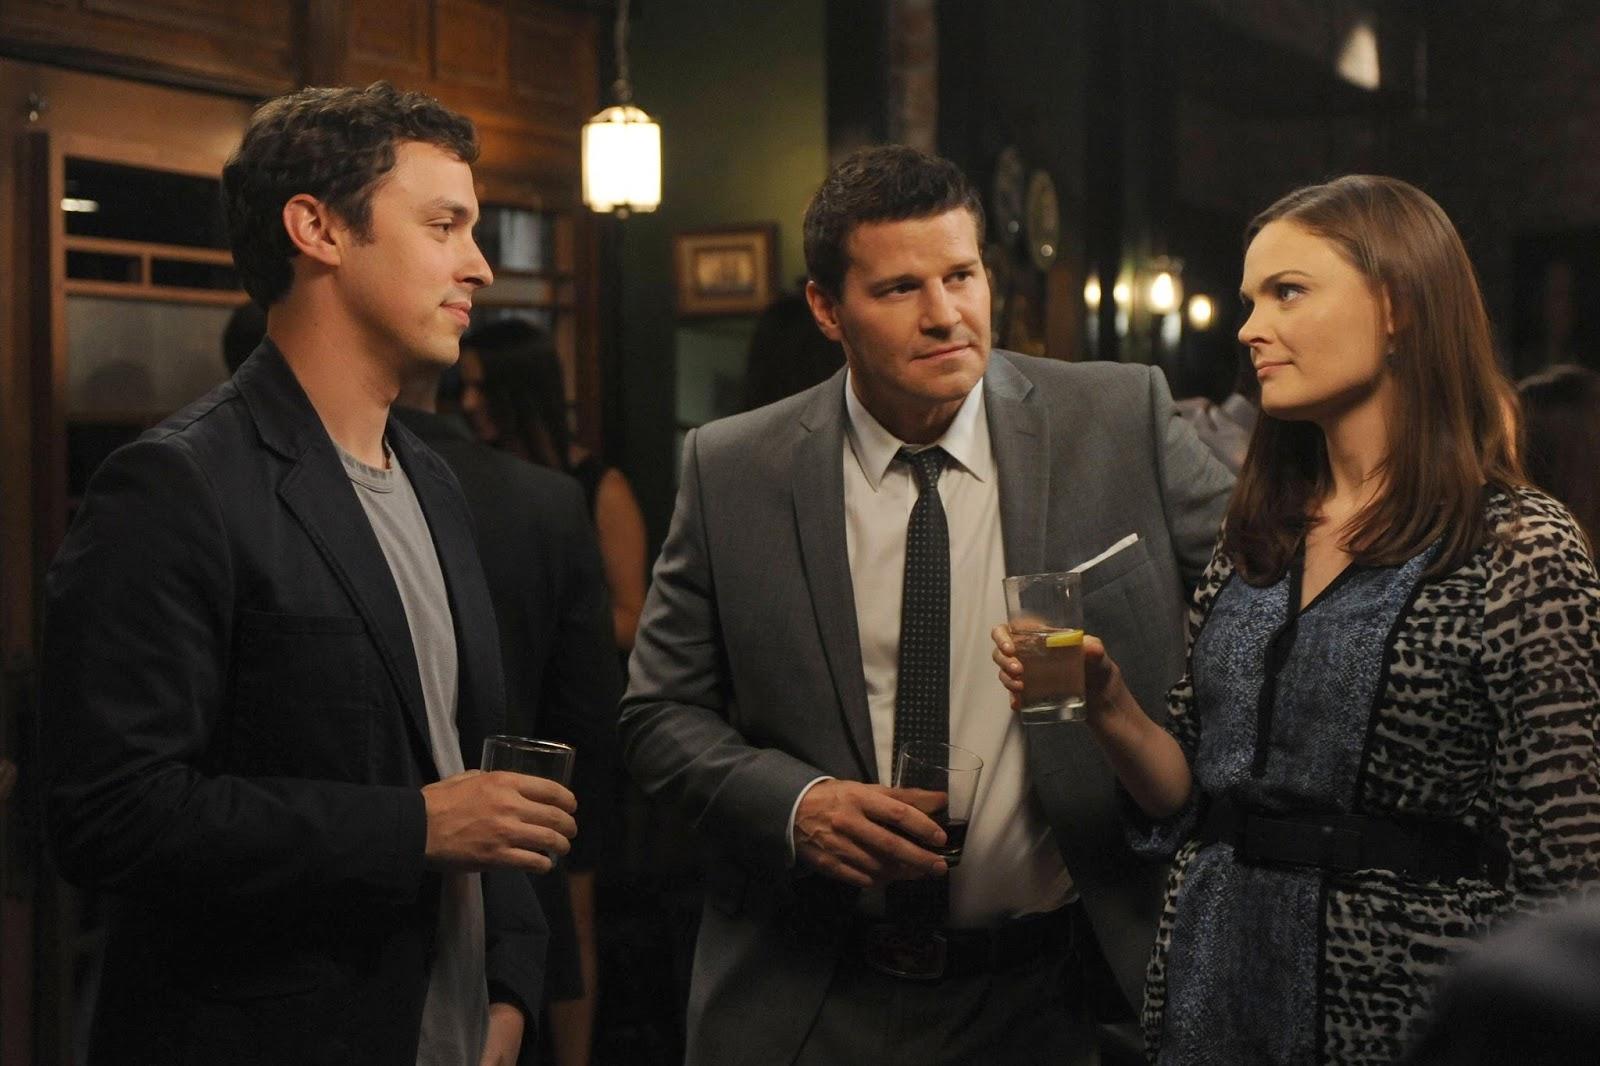 Imagen de Sweets con Booth y Brennan en Bones